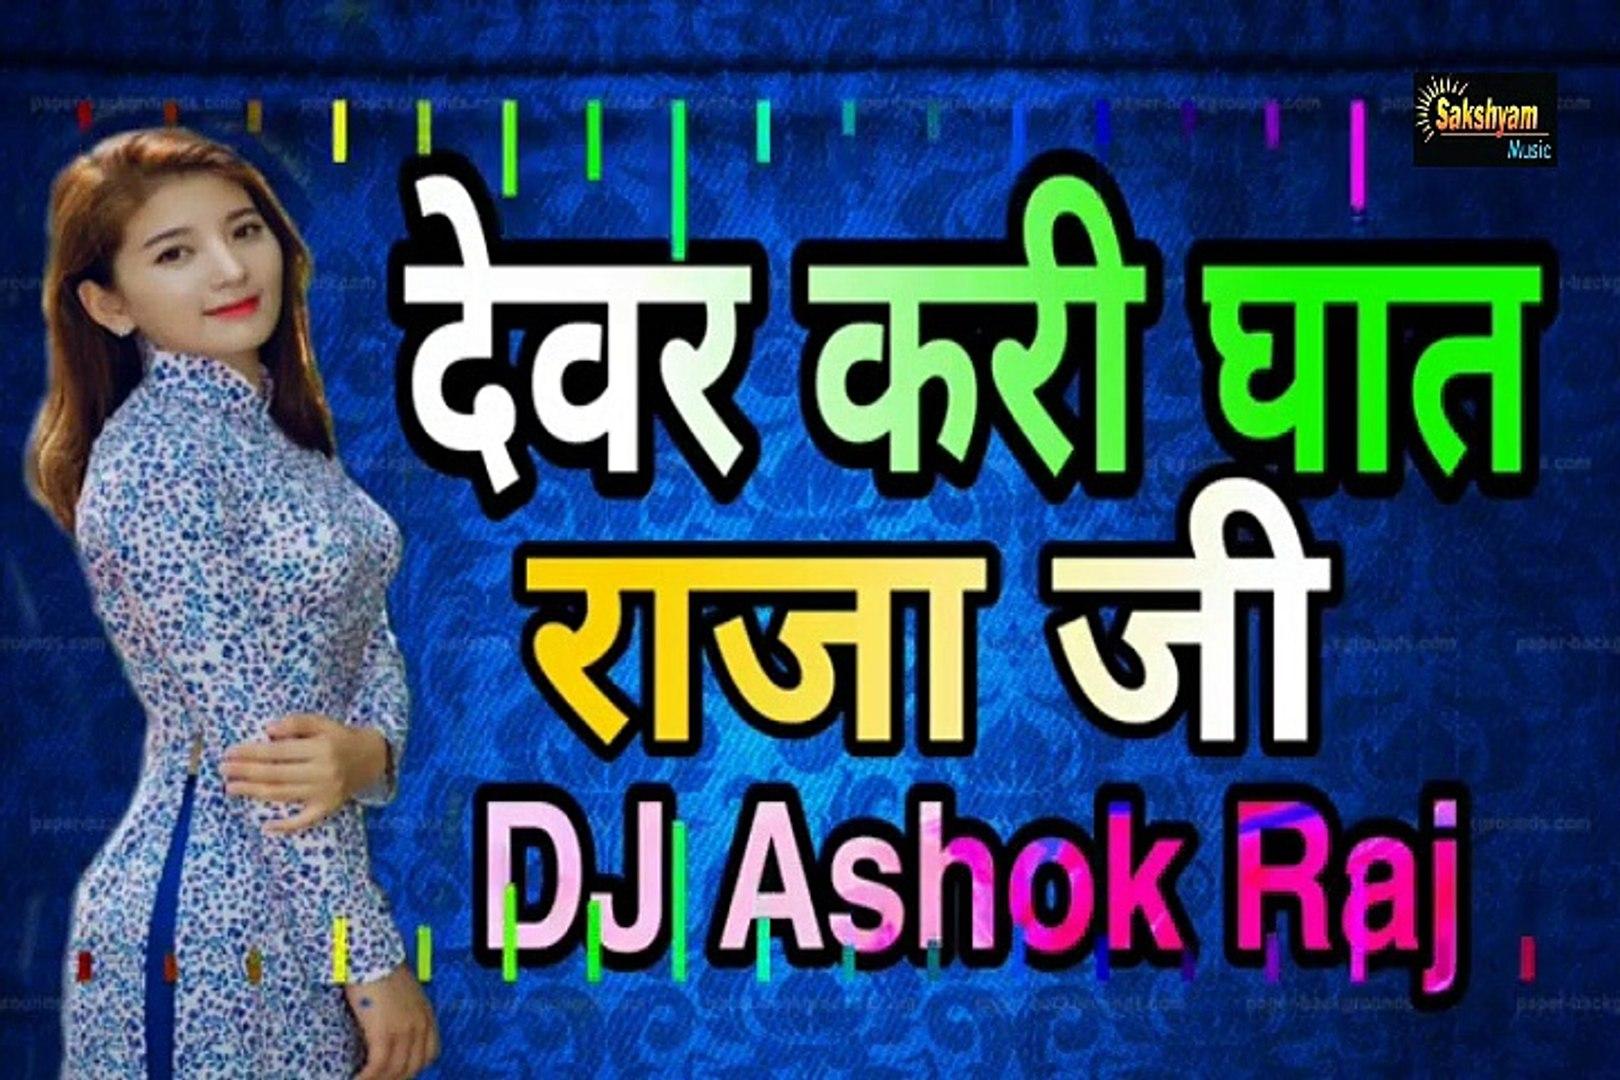 Dewar Kari Ghat Raja ji Khesari Lal Bhojpuri Remix By Dj Ashok Raj 2019 -  Sakshyam Music